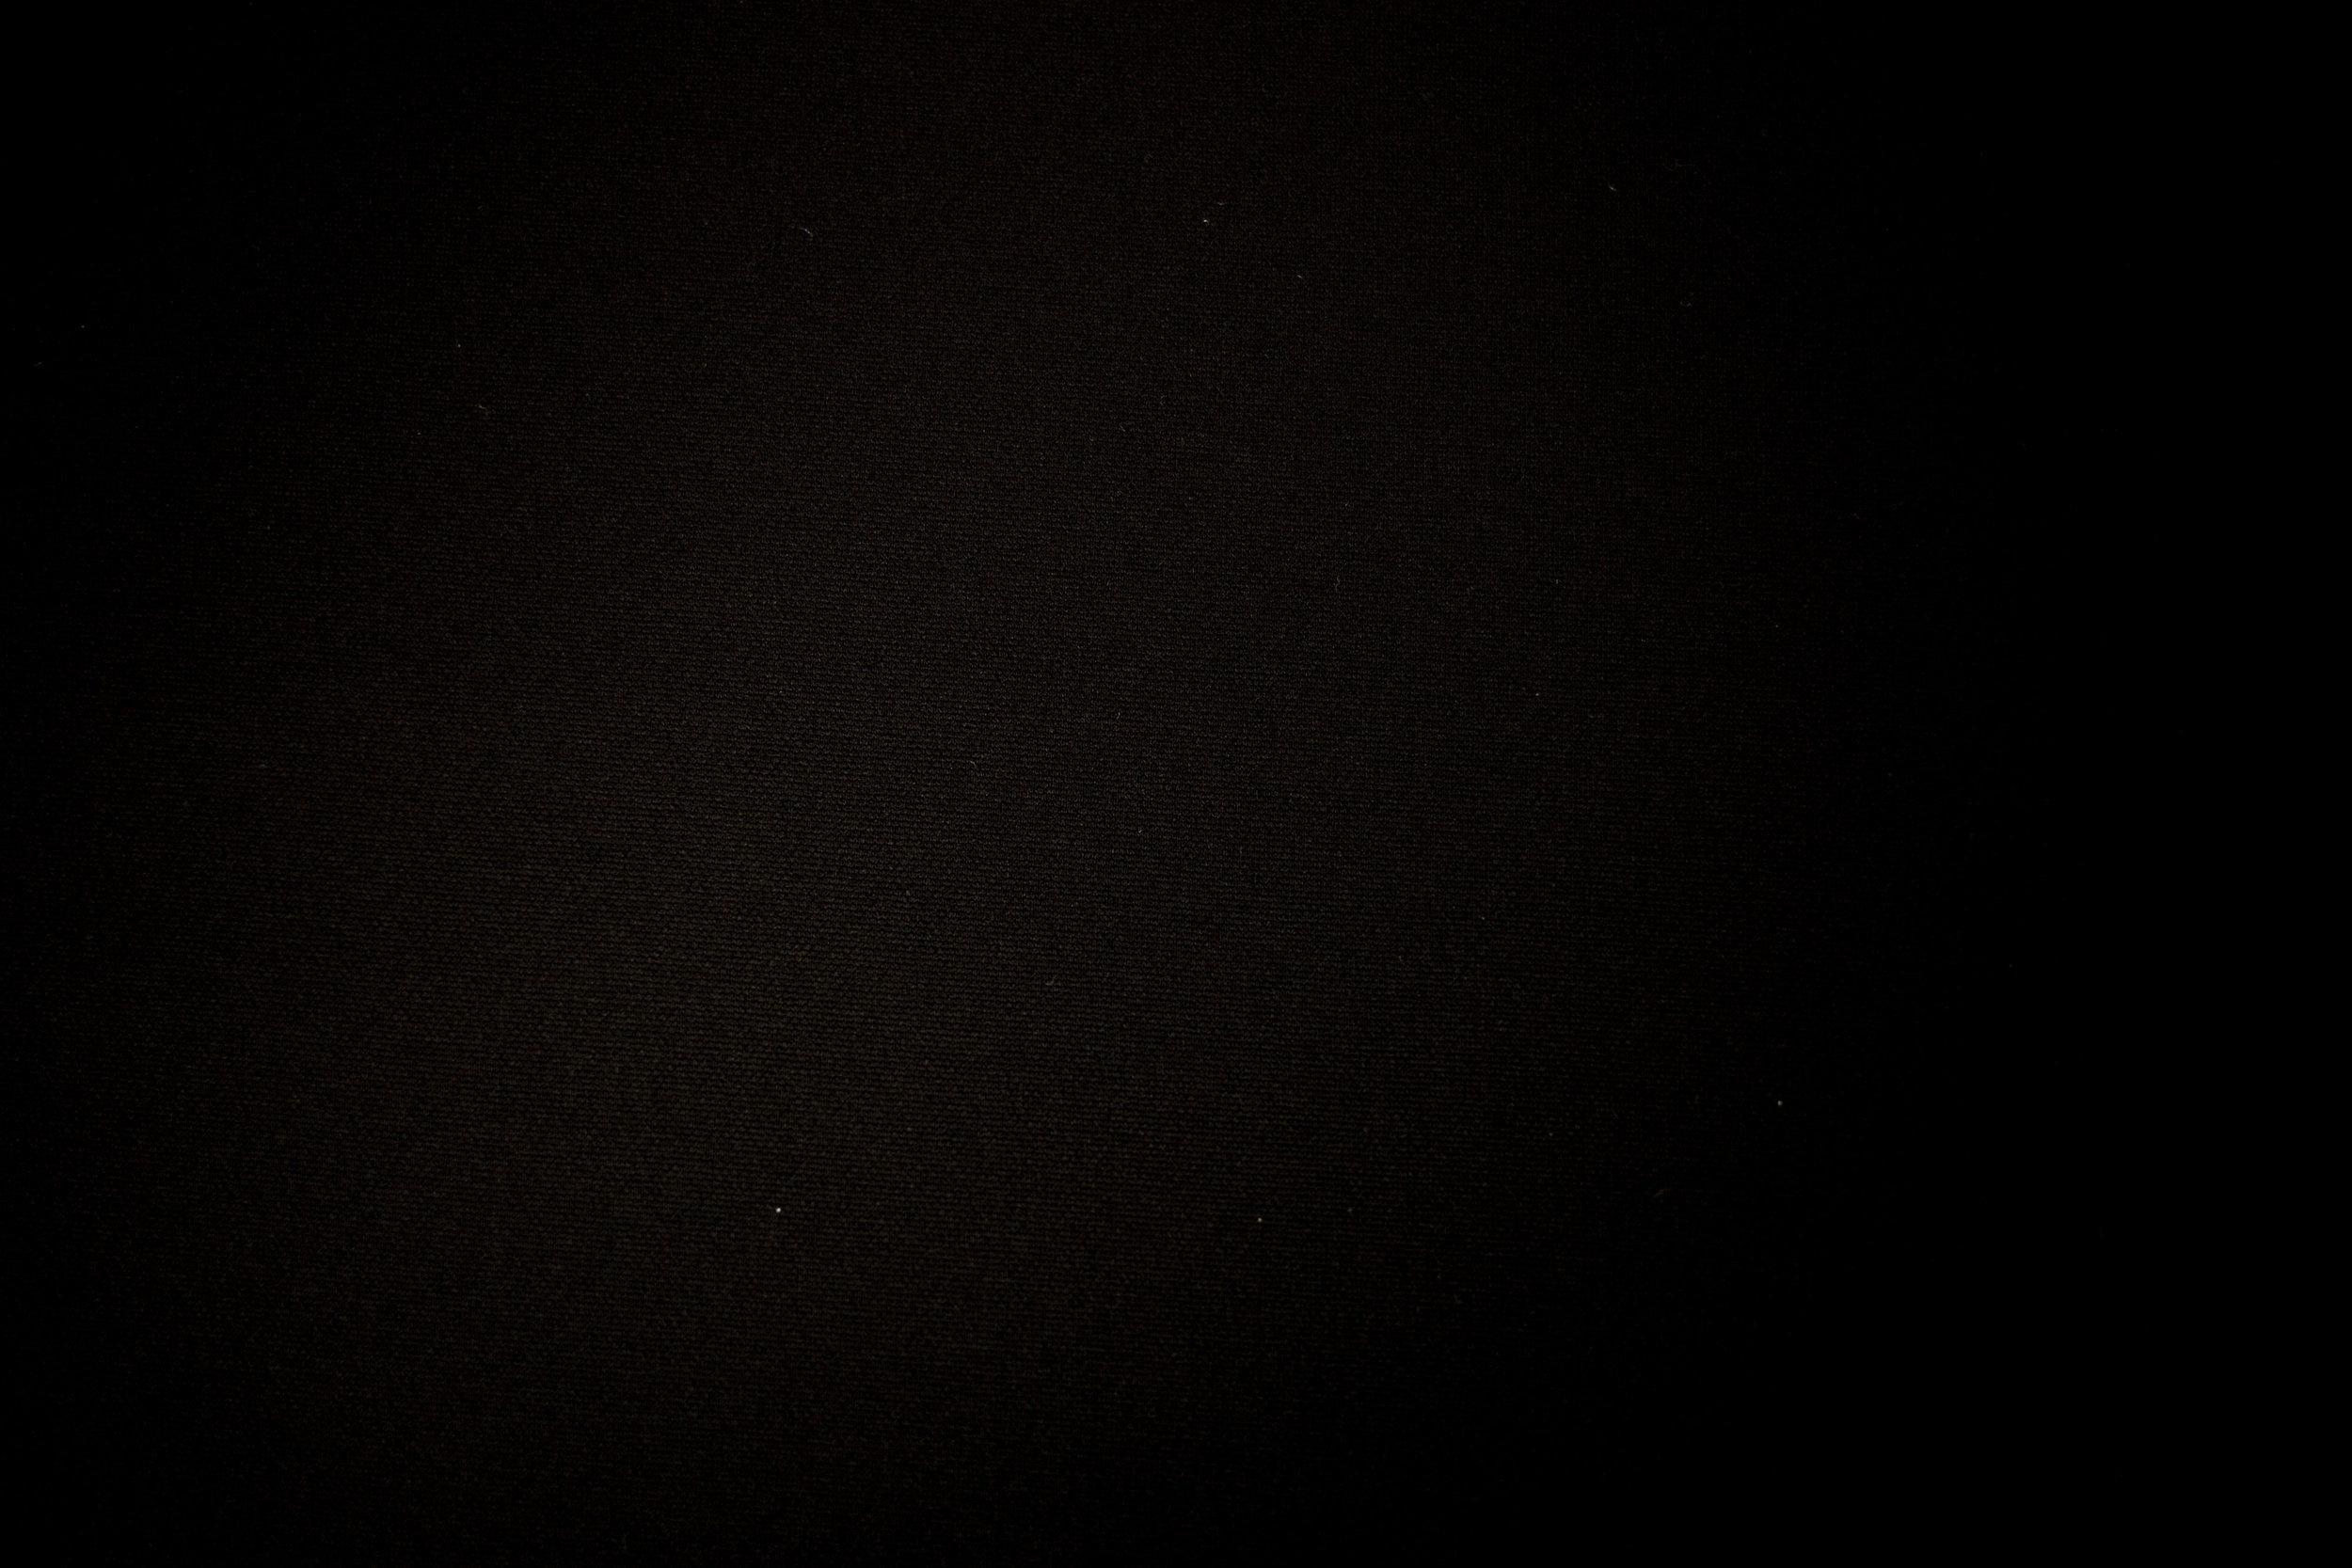 Black Underlay 3.jpg